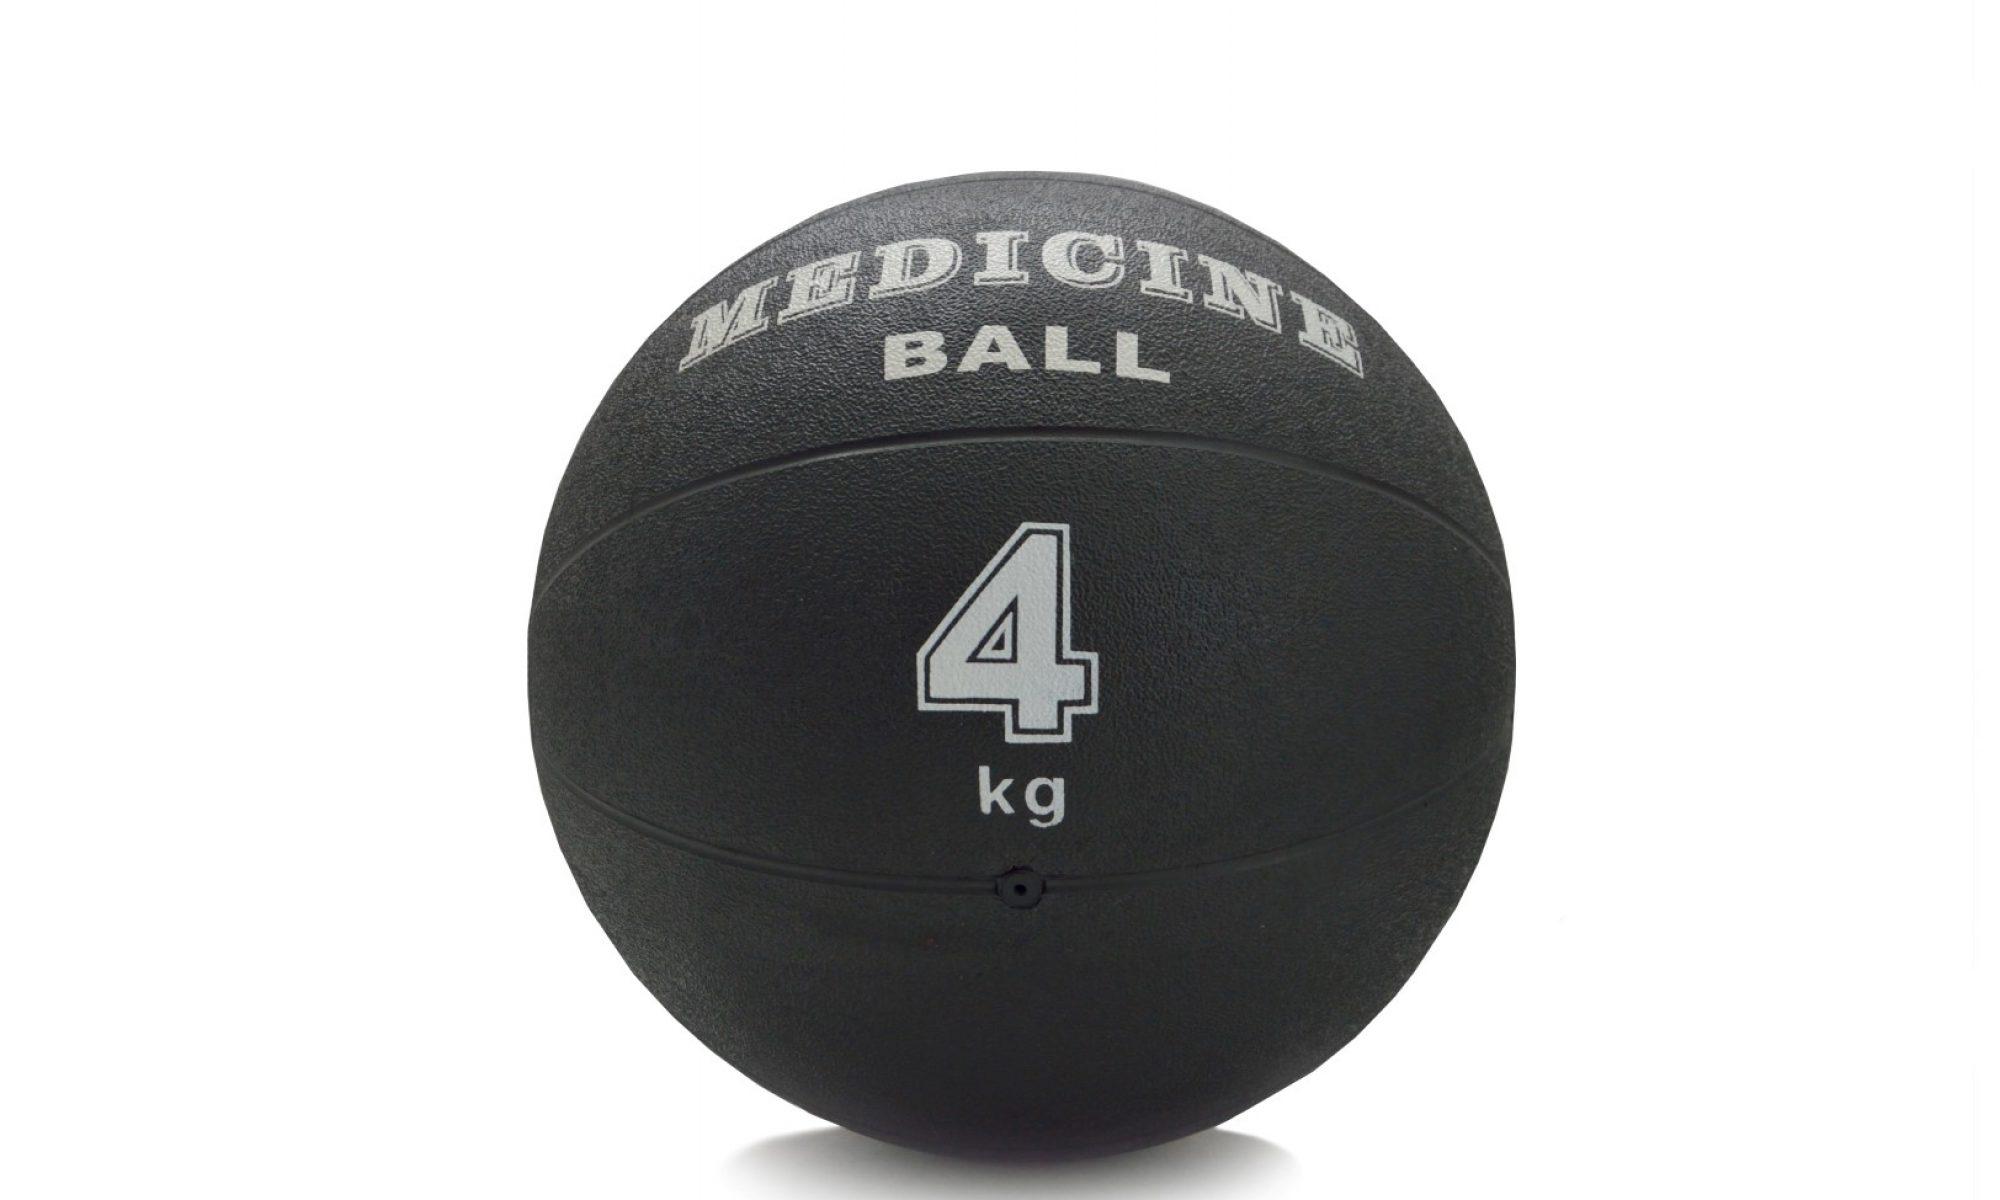 Medicineball.nl